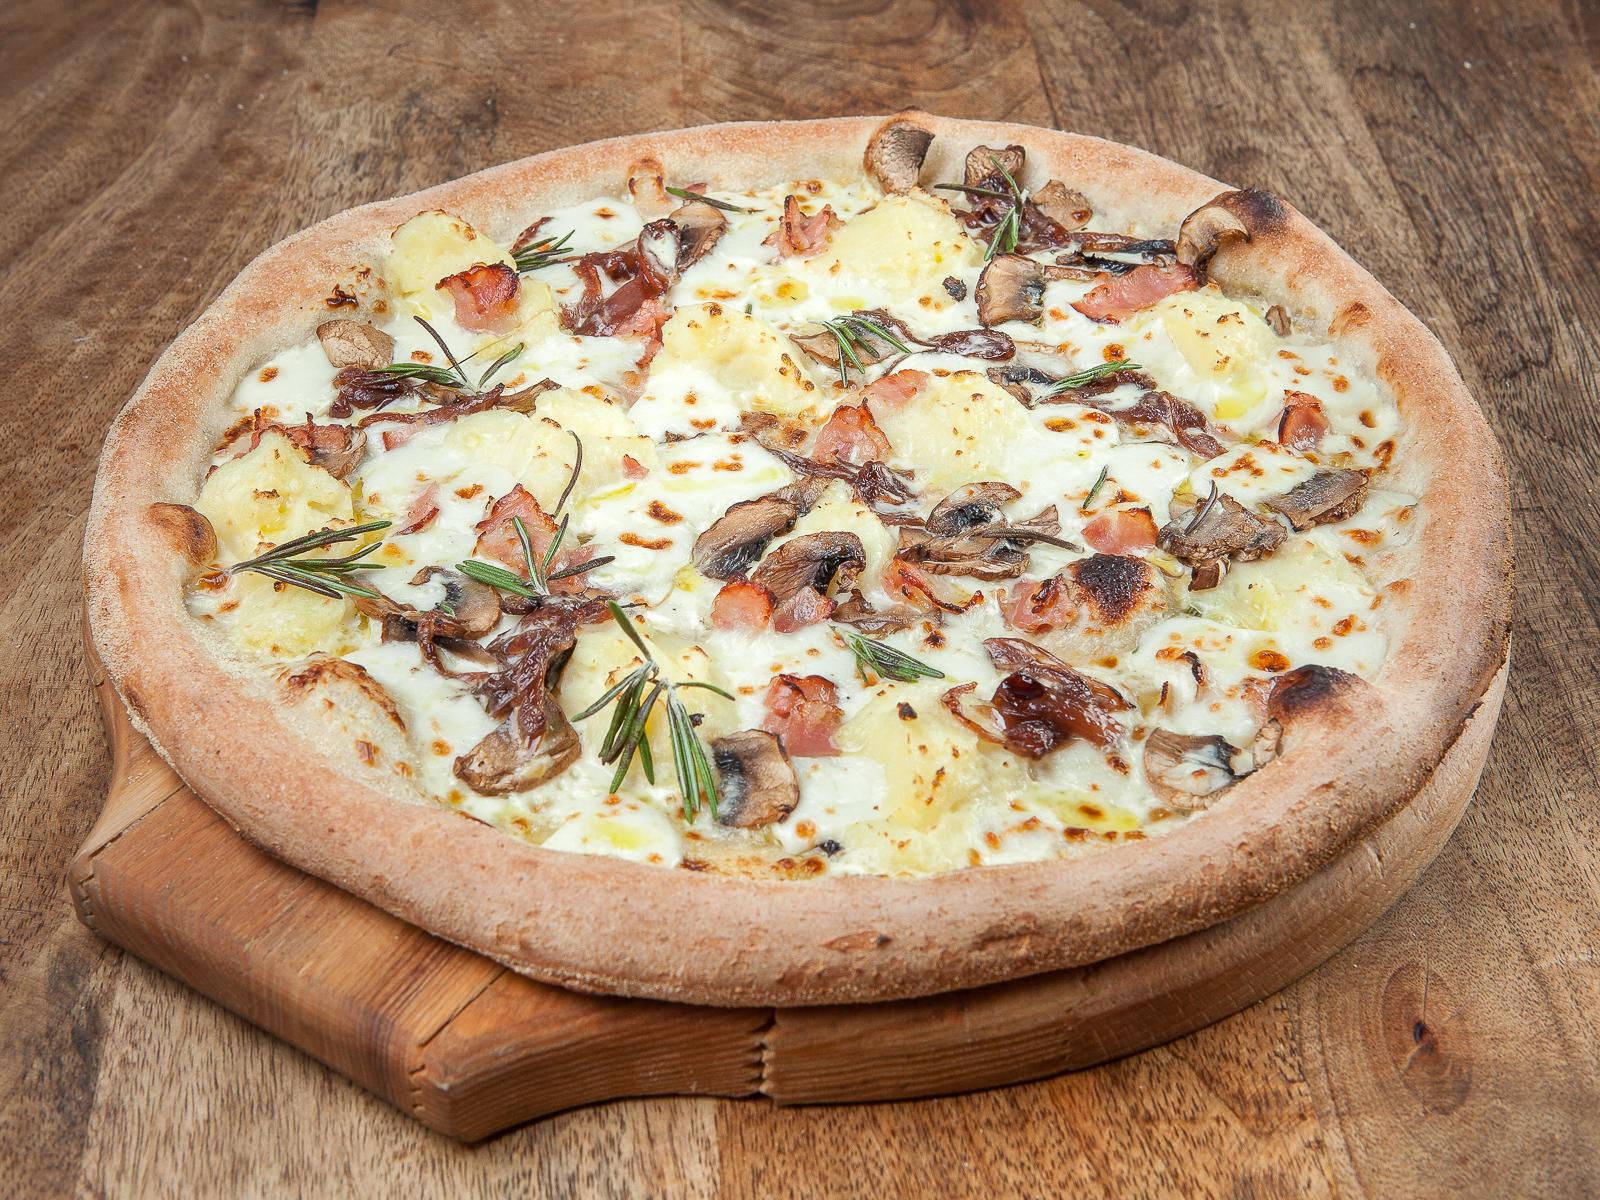 Фирменная пицца il pizzaiolo с картофелем и хрустящим беконом